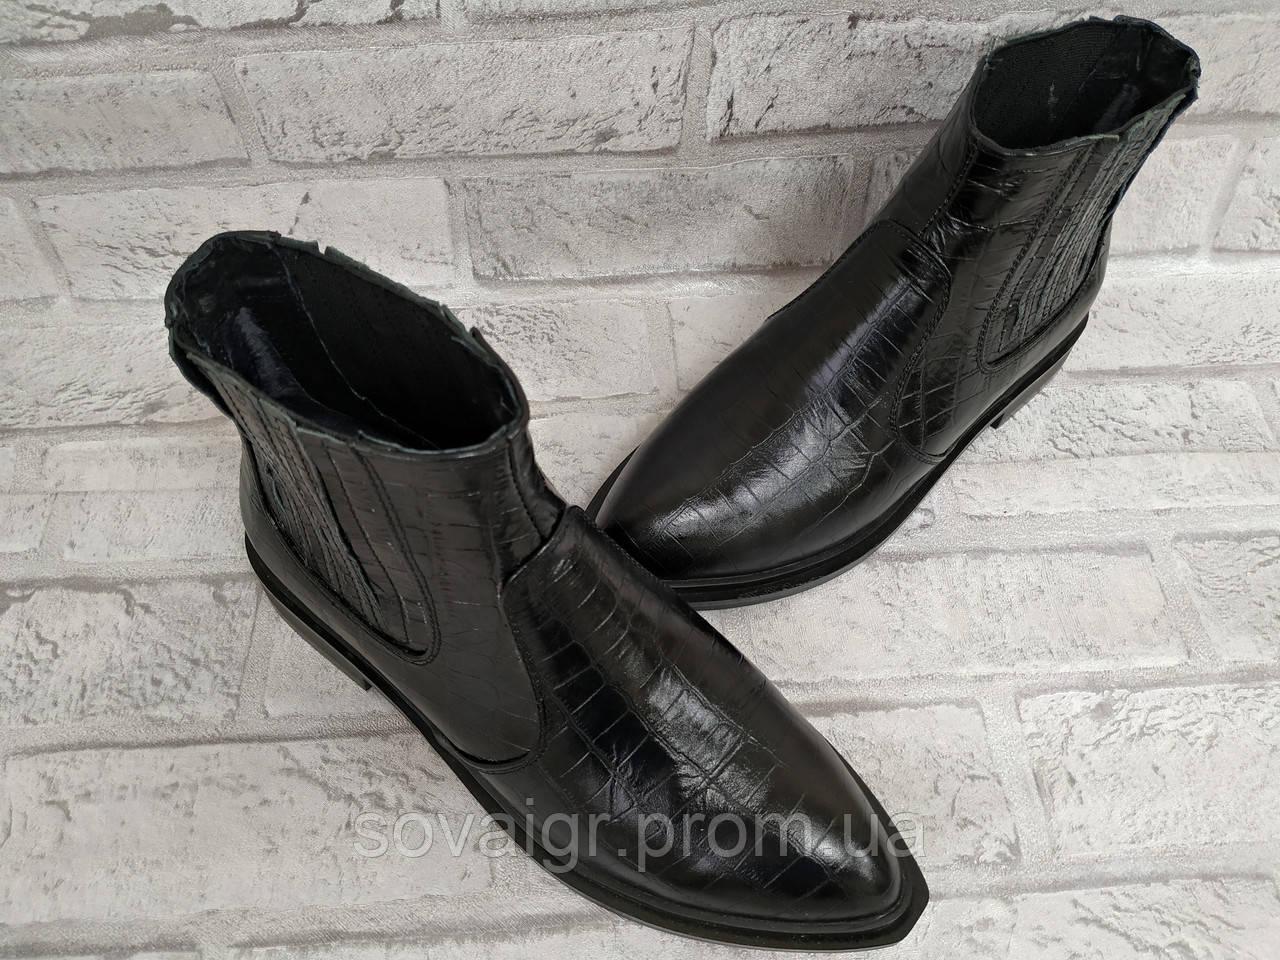 Кожаные подростковые ботинки для девочек демисезонные